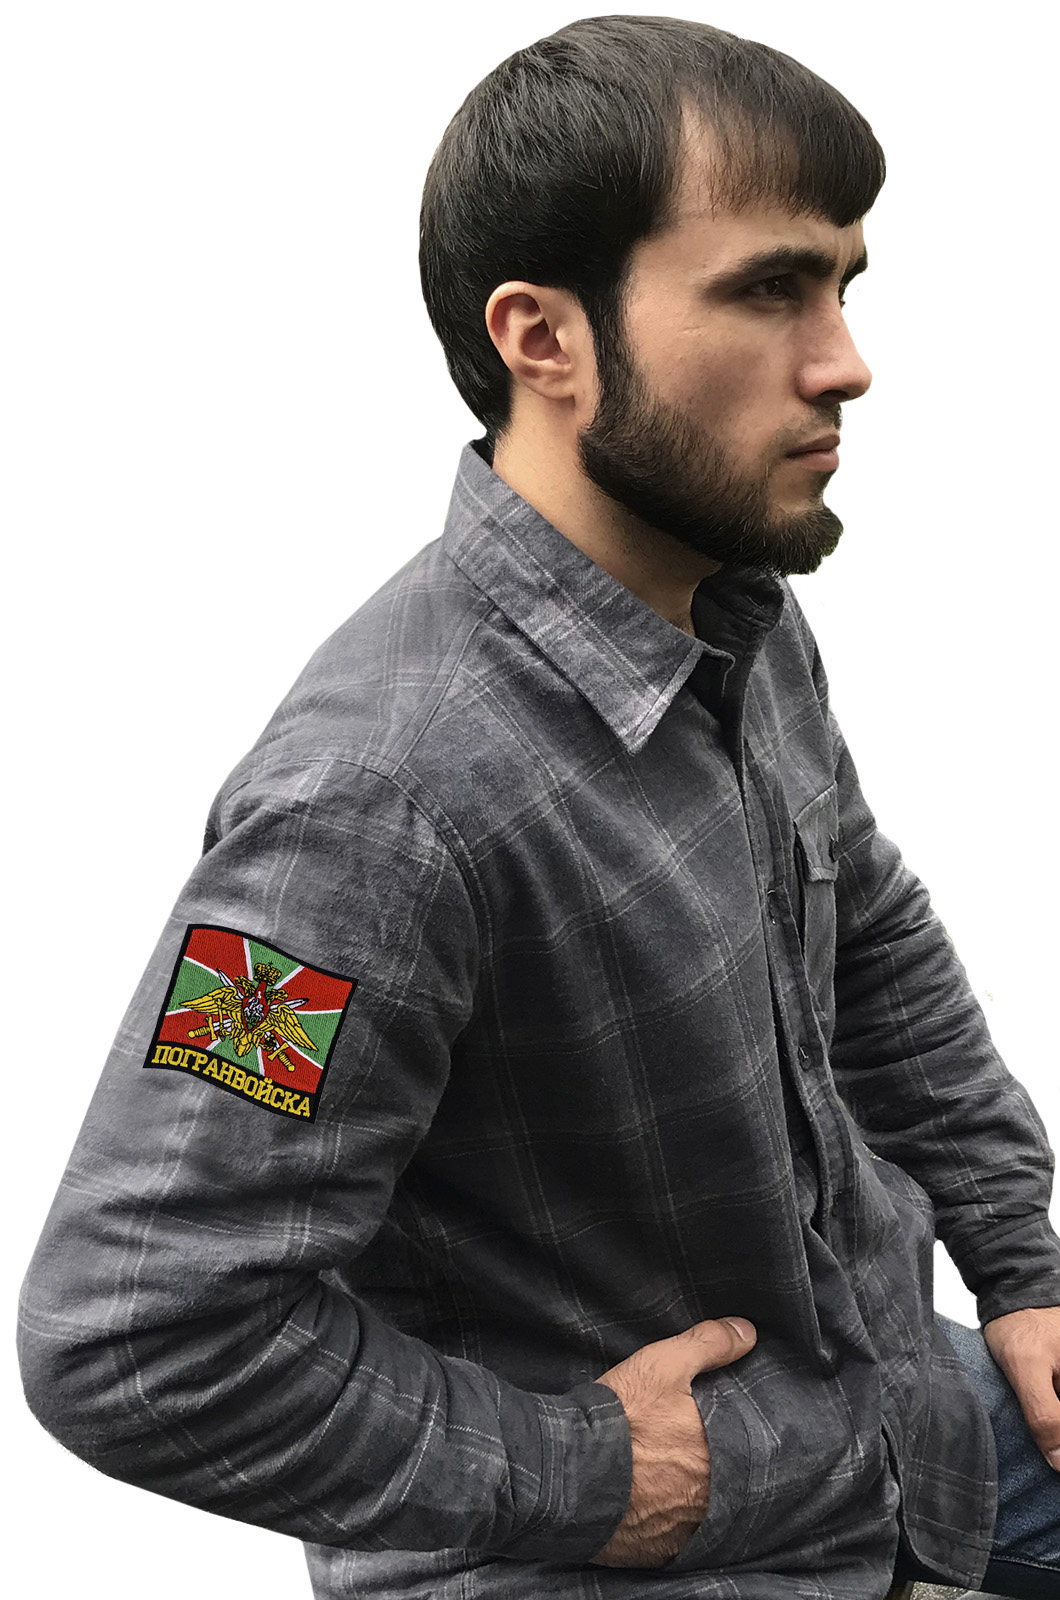 Купить в интернет магазине рубашку пограничника